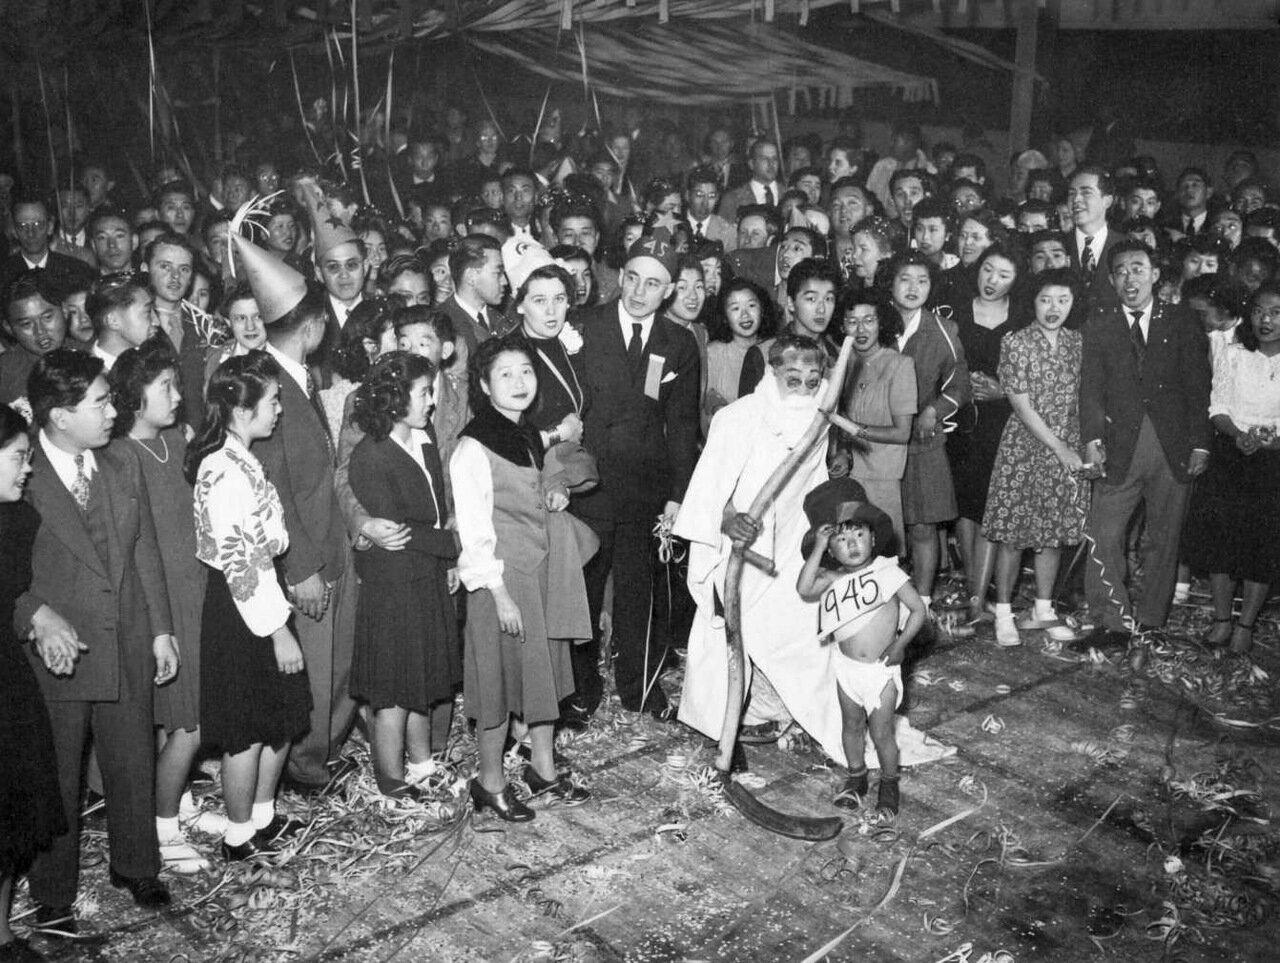 1944. Перемещенные японцы американского происхождения празднуют Новый Год в концлагере Топаз, штат Юта